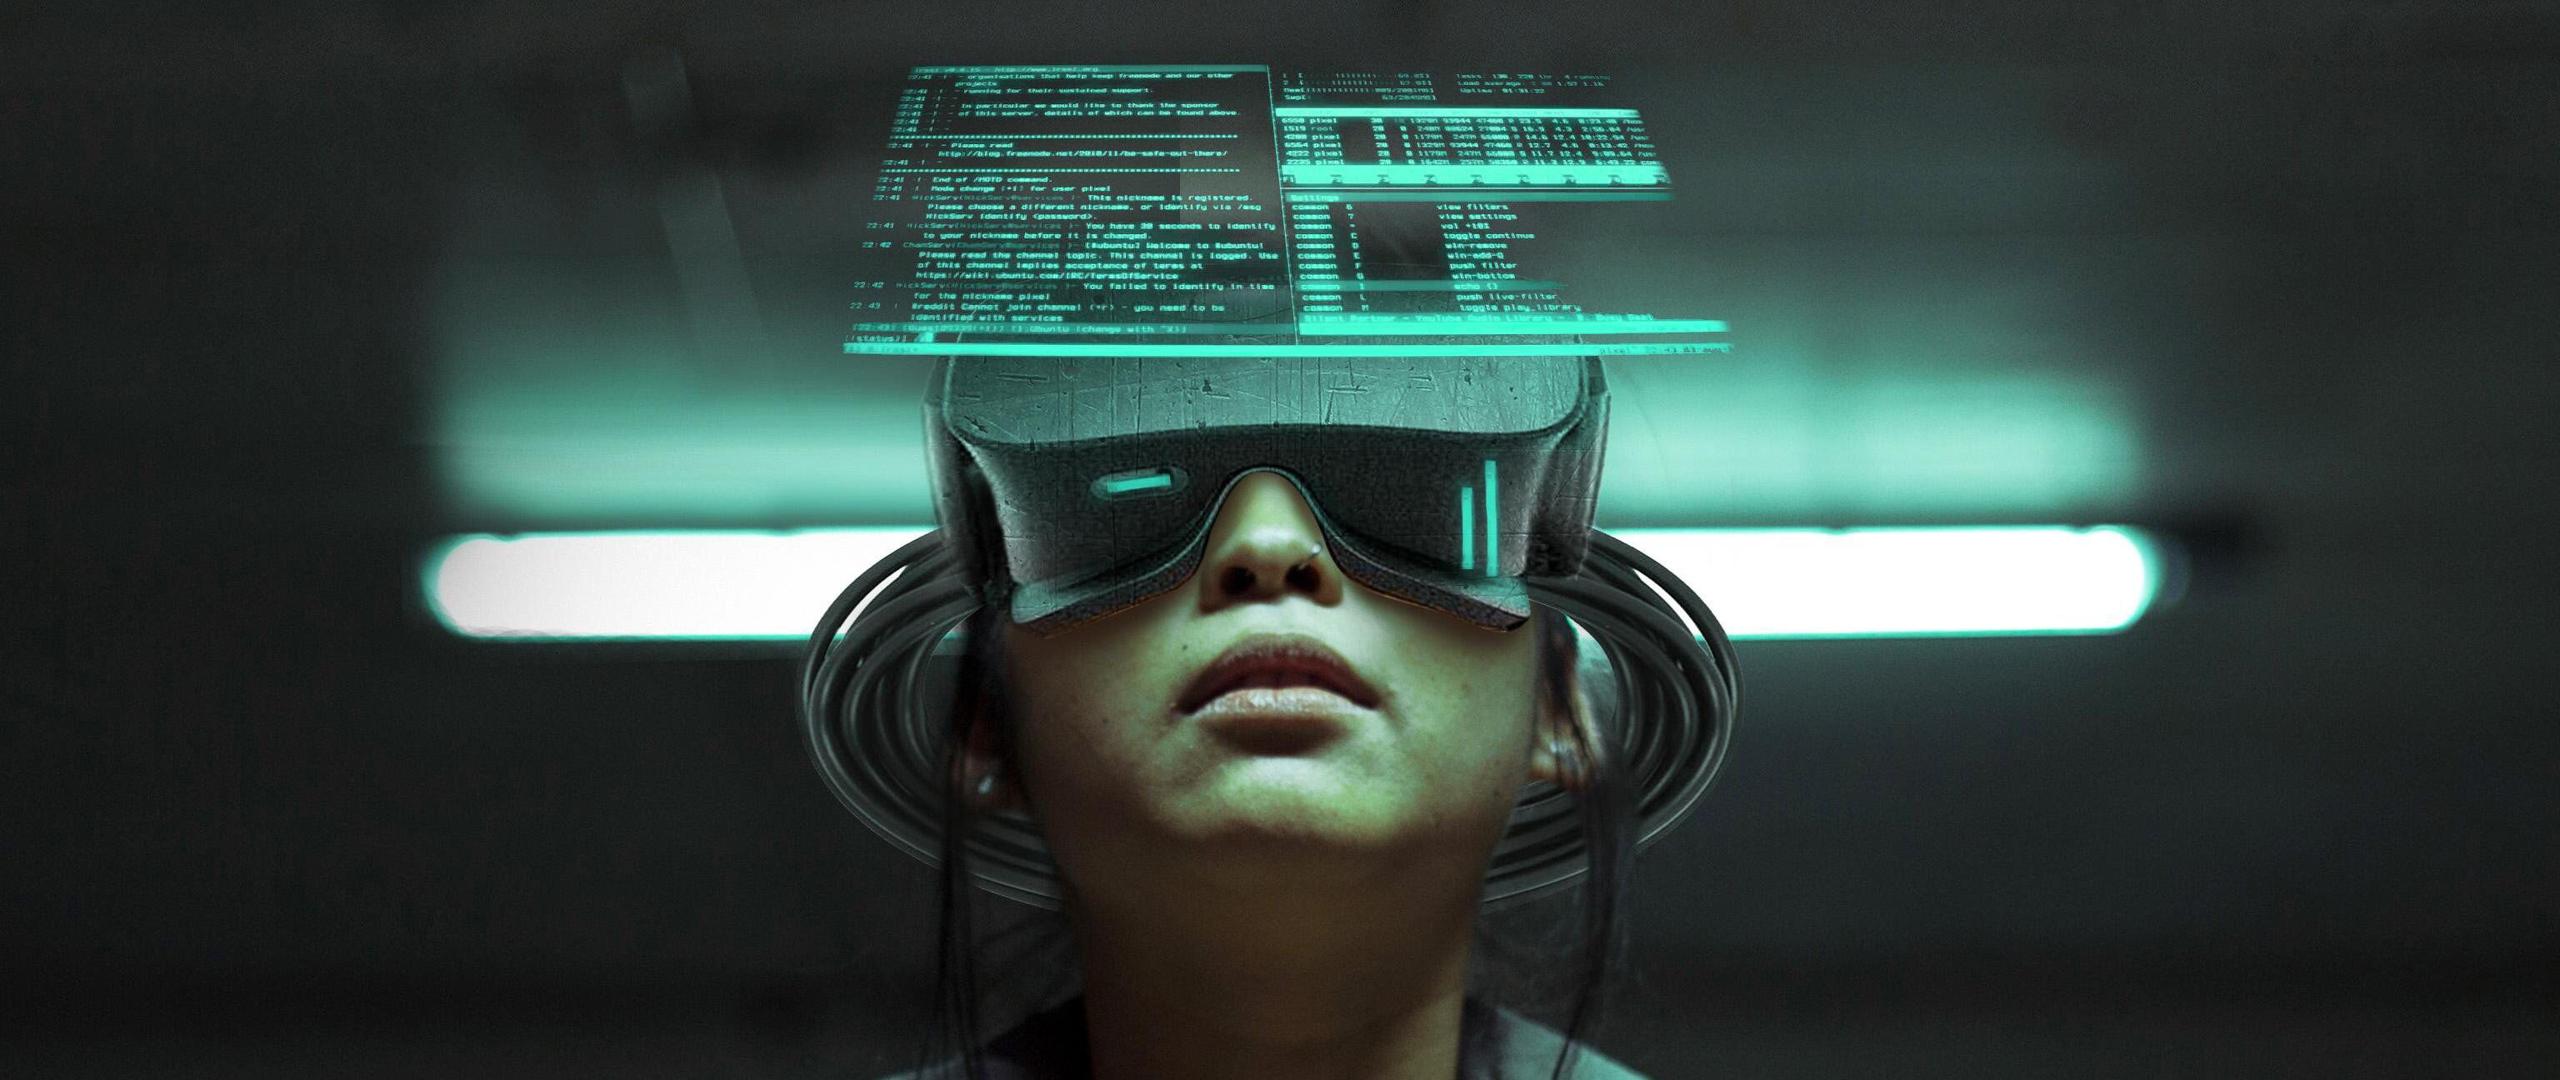 cyberpunk-vr-girl-scifi-lp.jpg